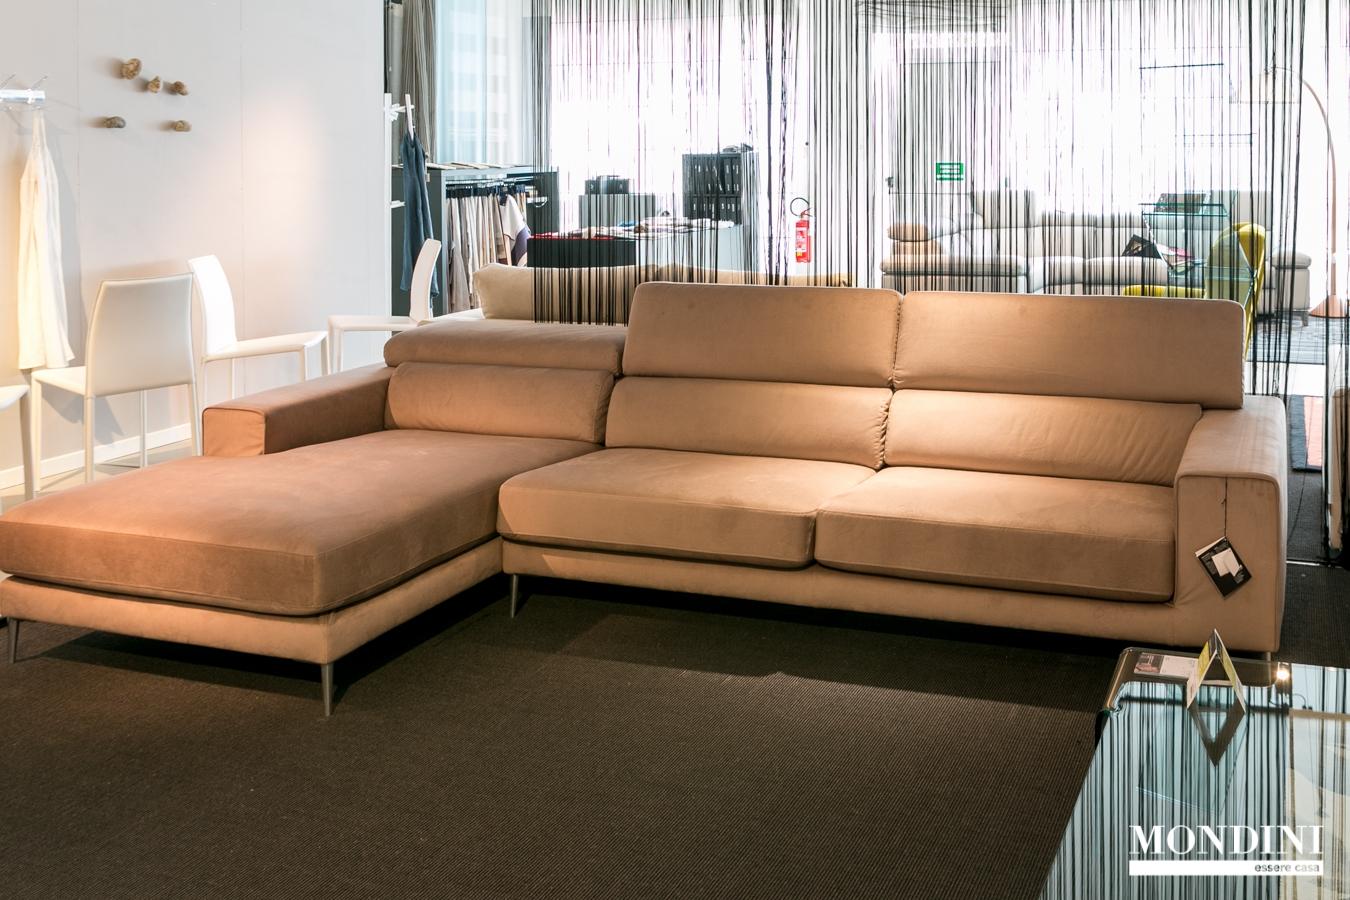 Divano ad angolo ditr italia modello anderson scontato del 40 divani a prezzi scontati - Dimensioni divano ad angolo ...